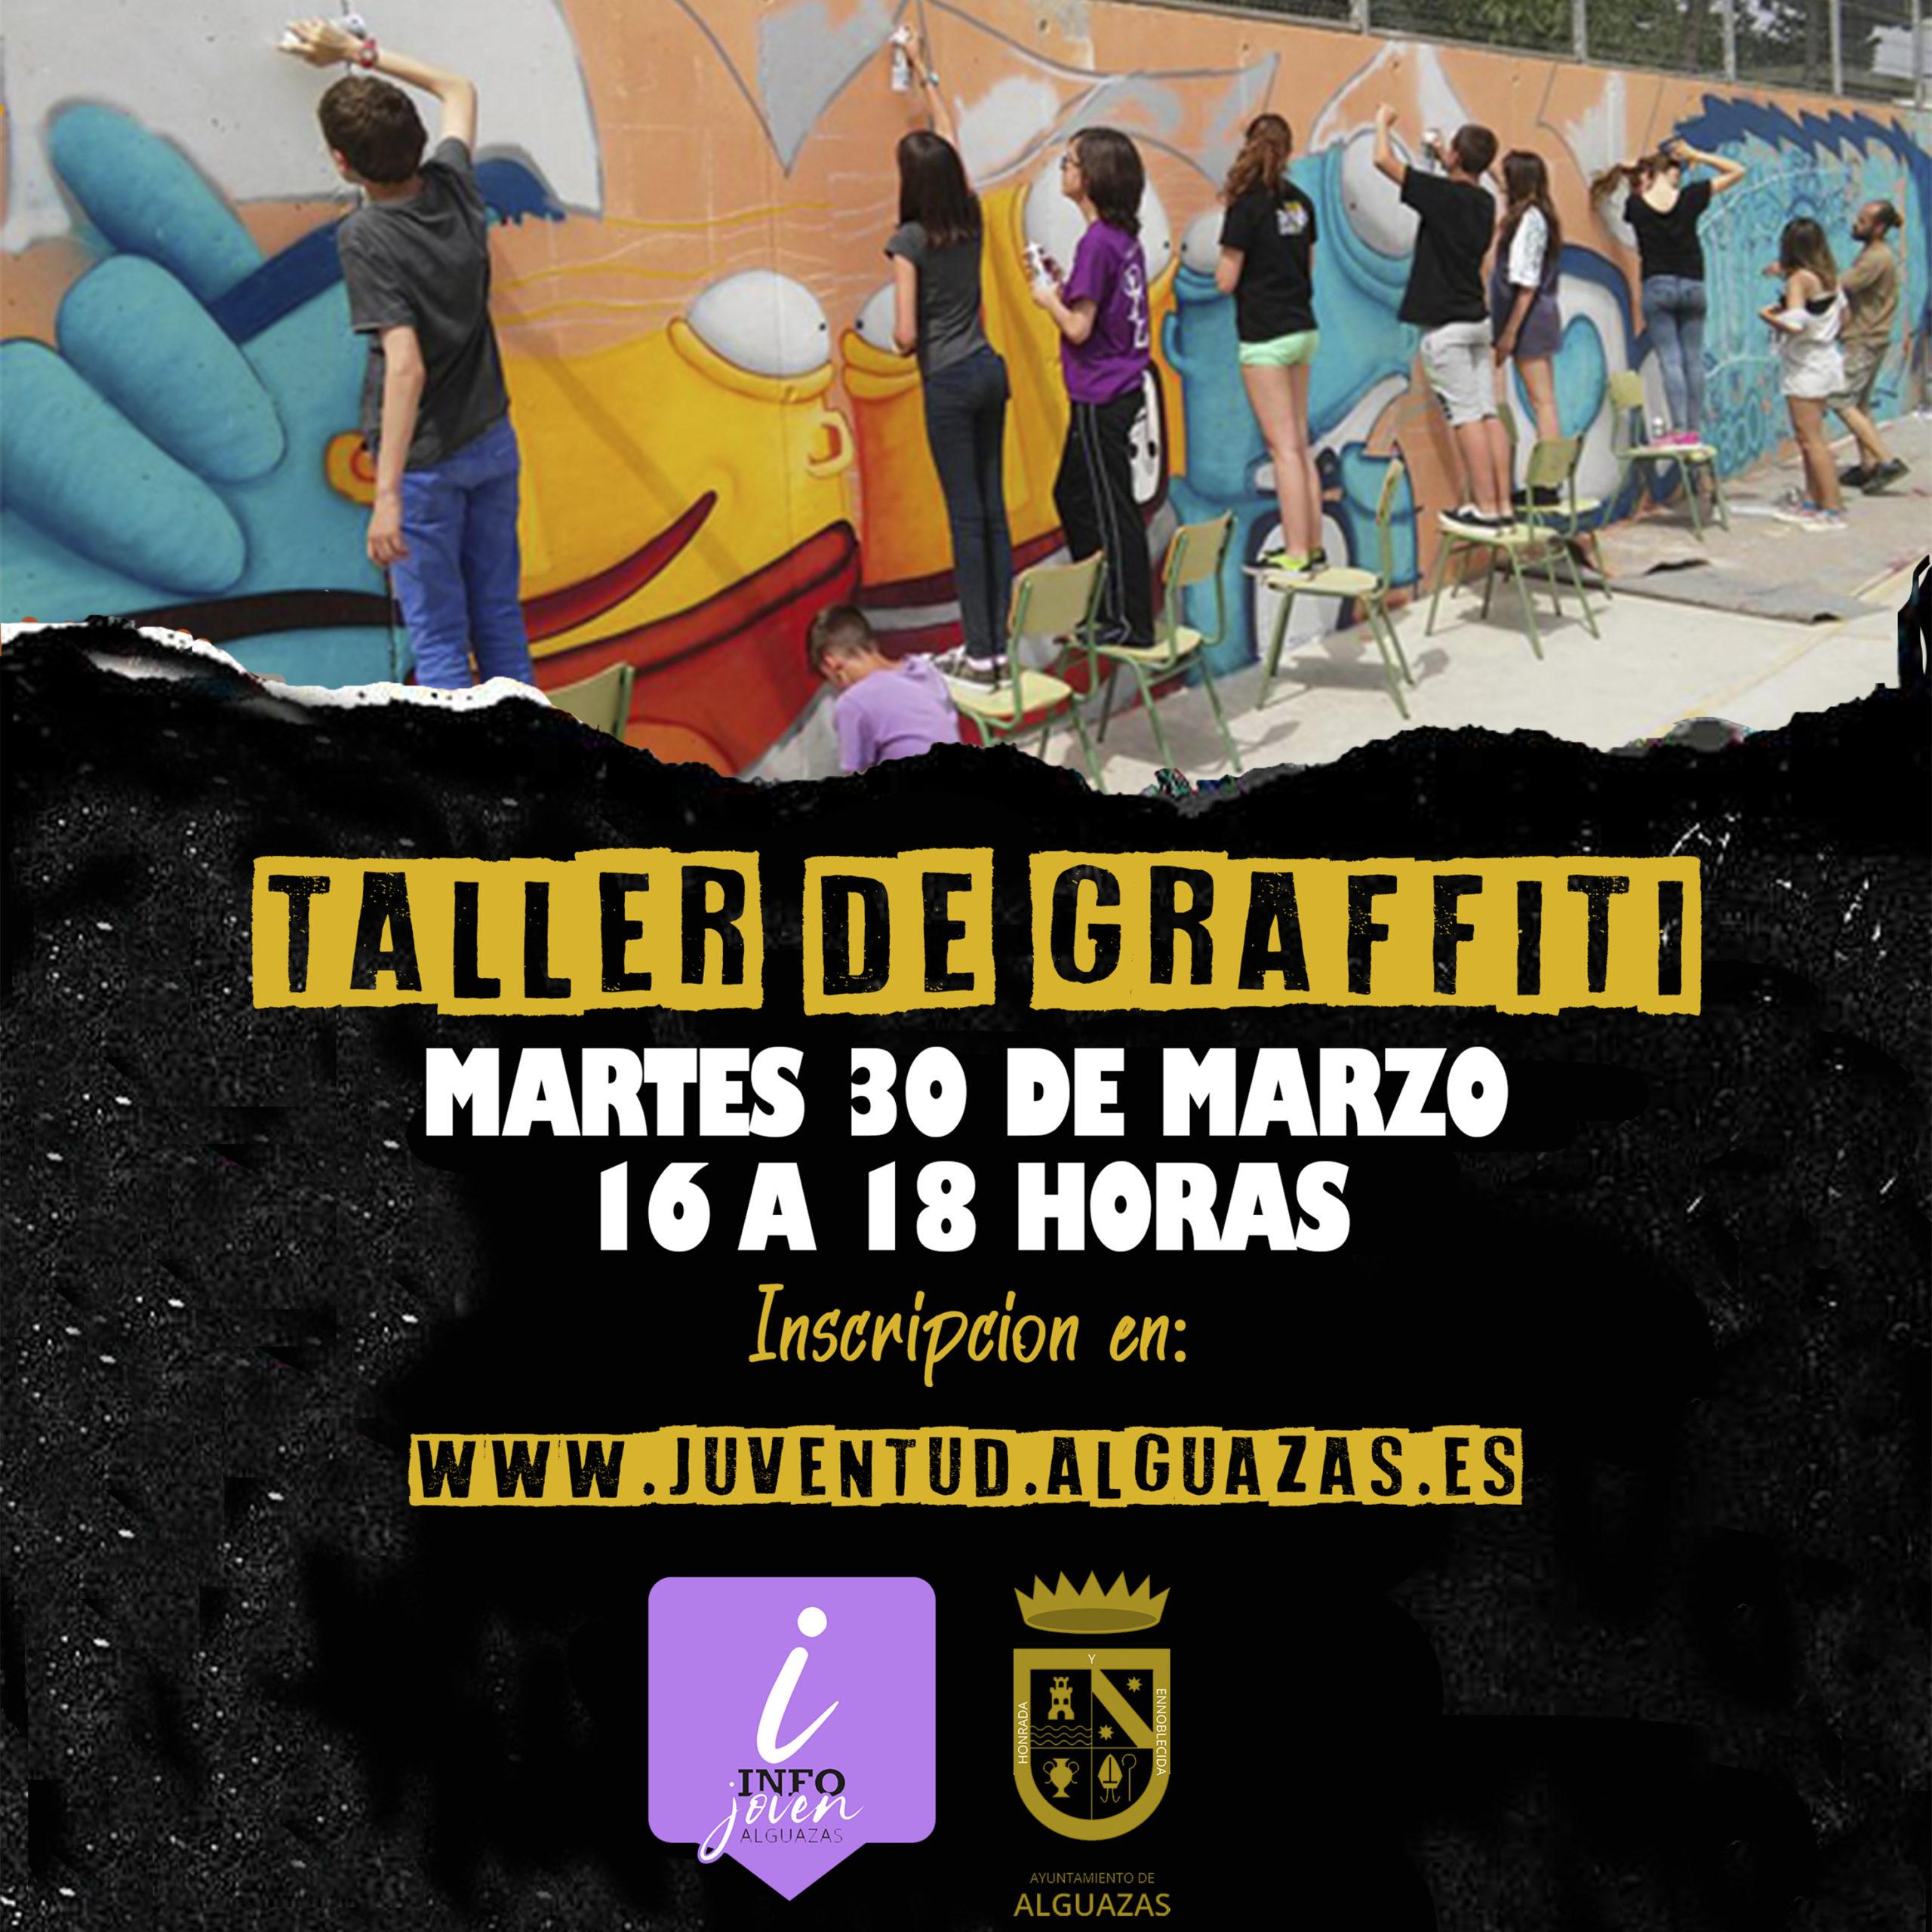 Taller de graffiti en Alguazas